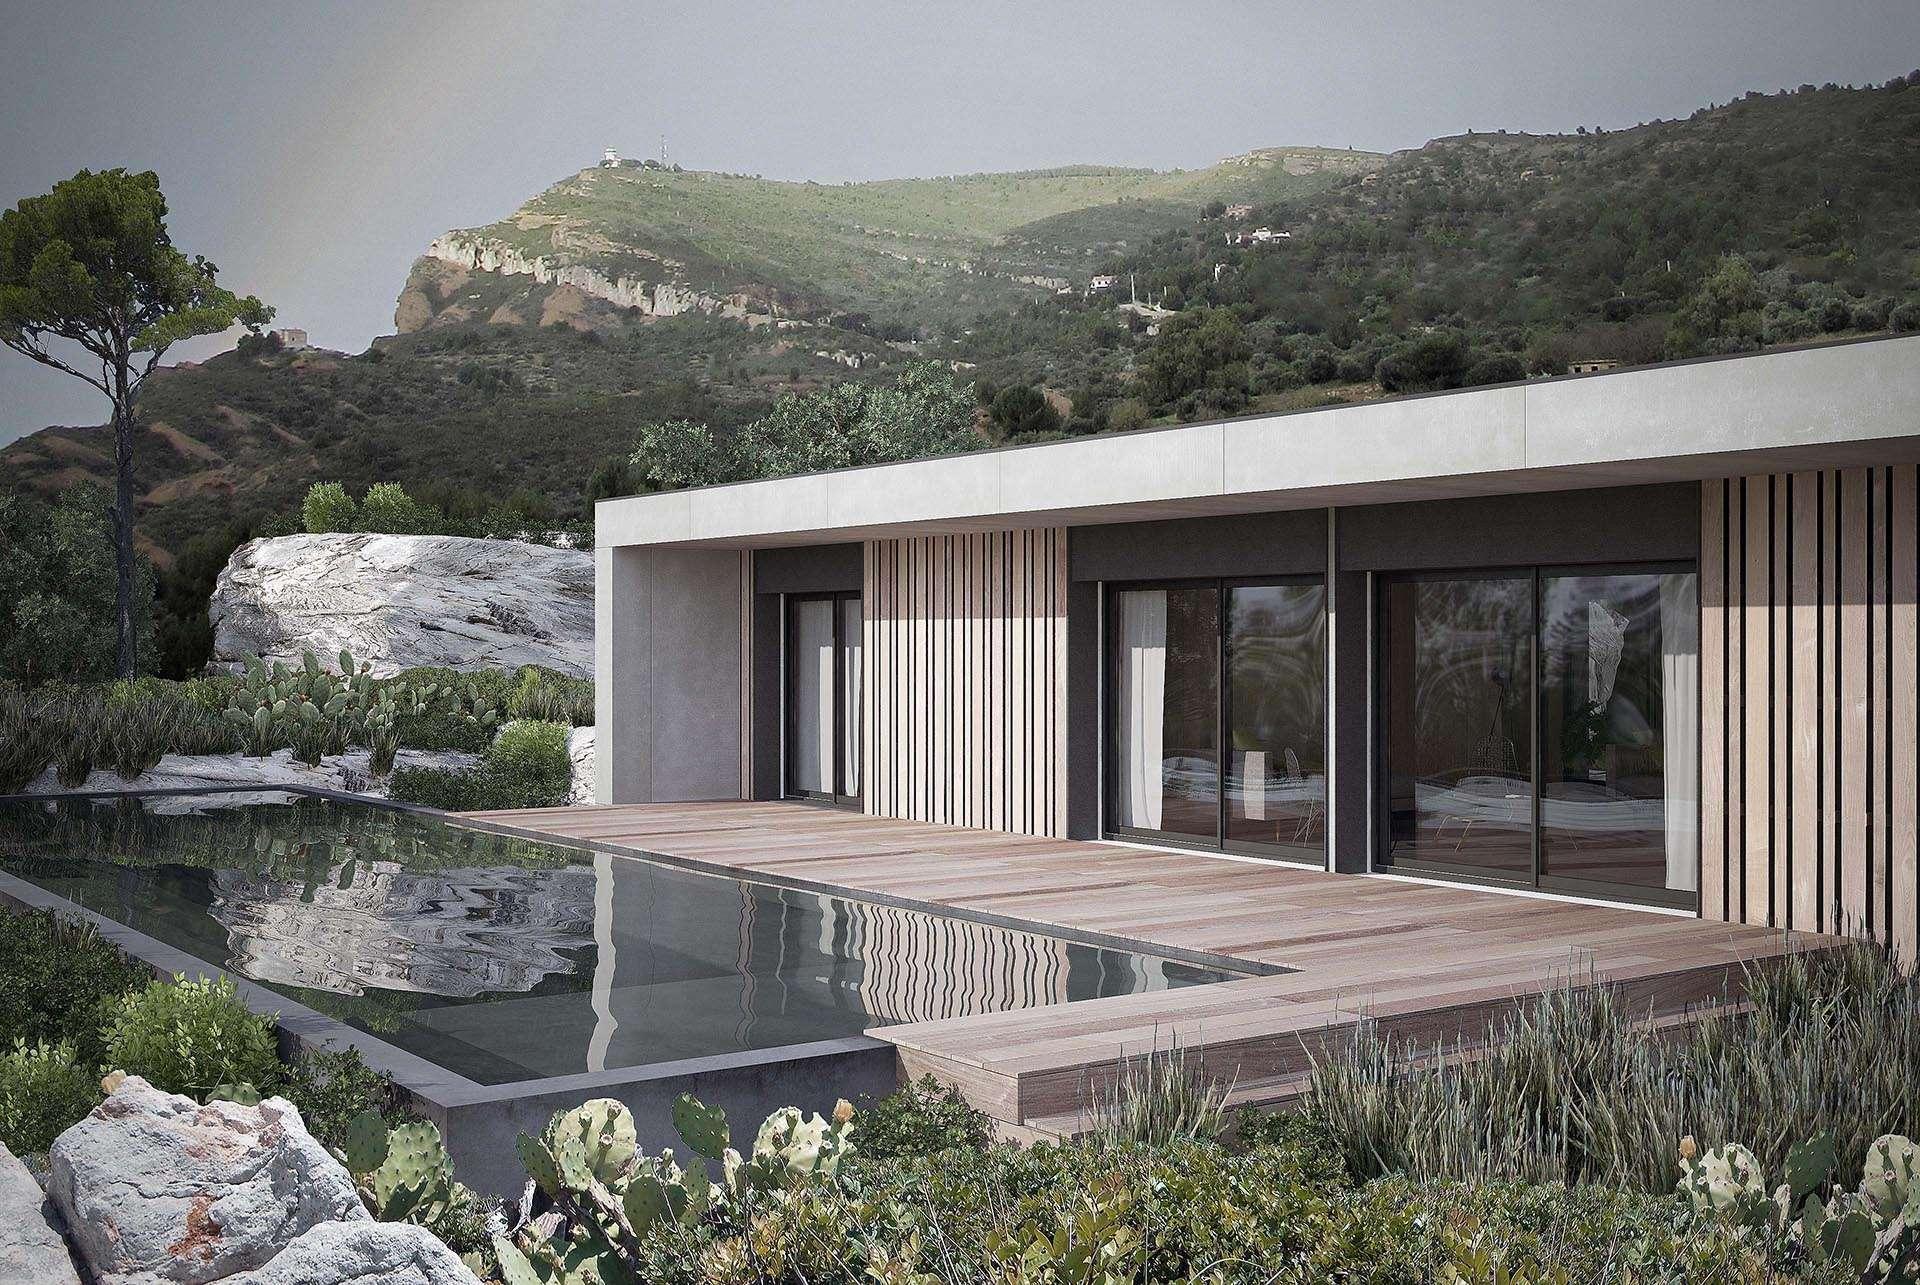 popup house la casa modulare passiva e amica dell ambiente. Black Bedroom Furniture Sets. Home Design Ideas